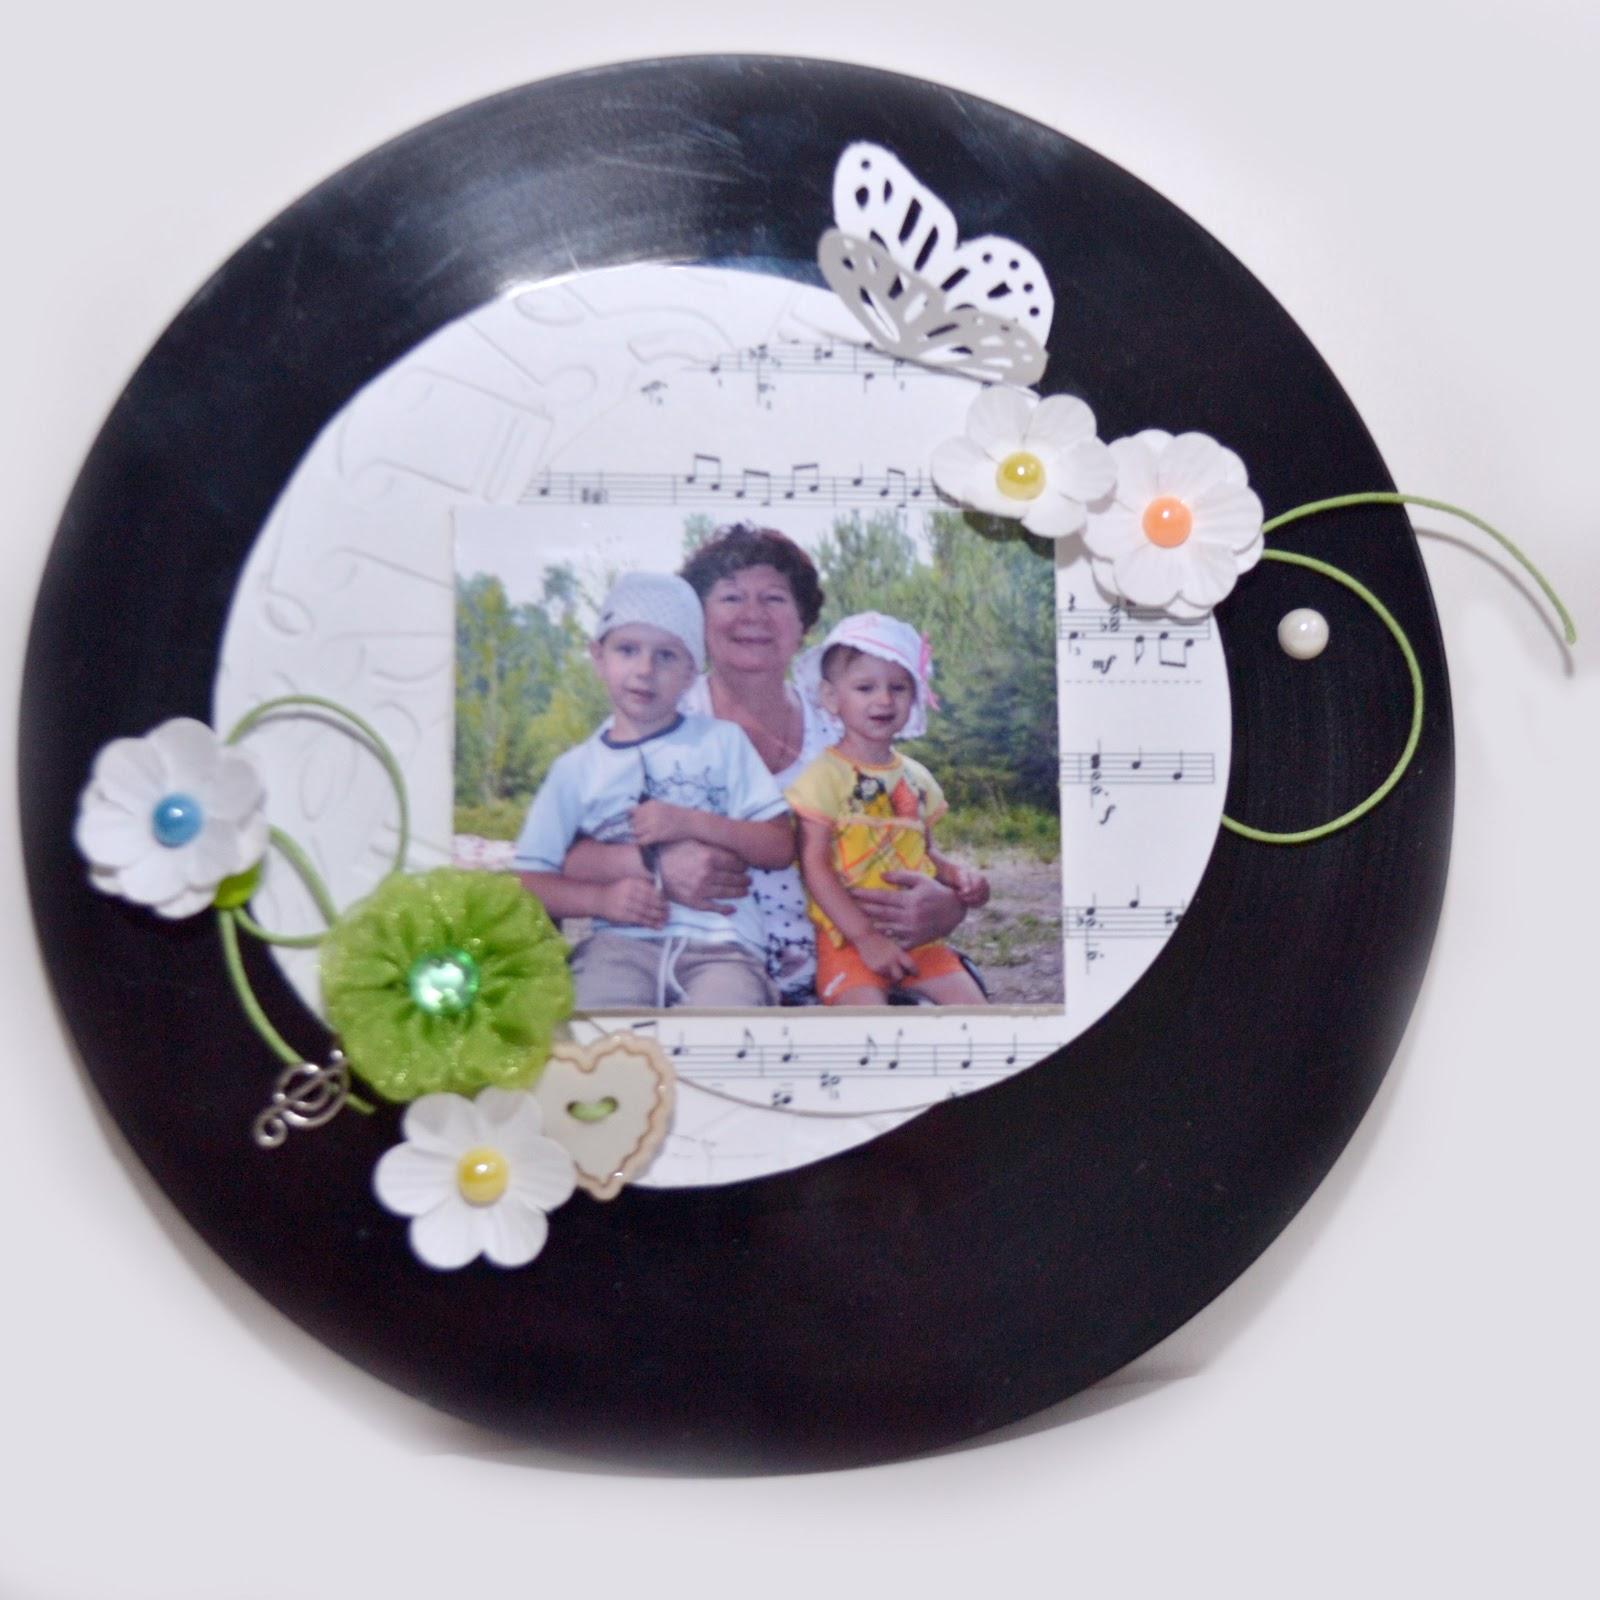 Подарок своими руками бабушке от внучки 5 лет